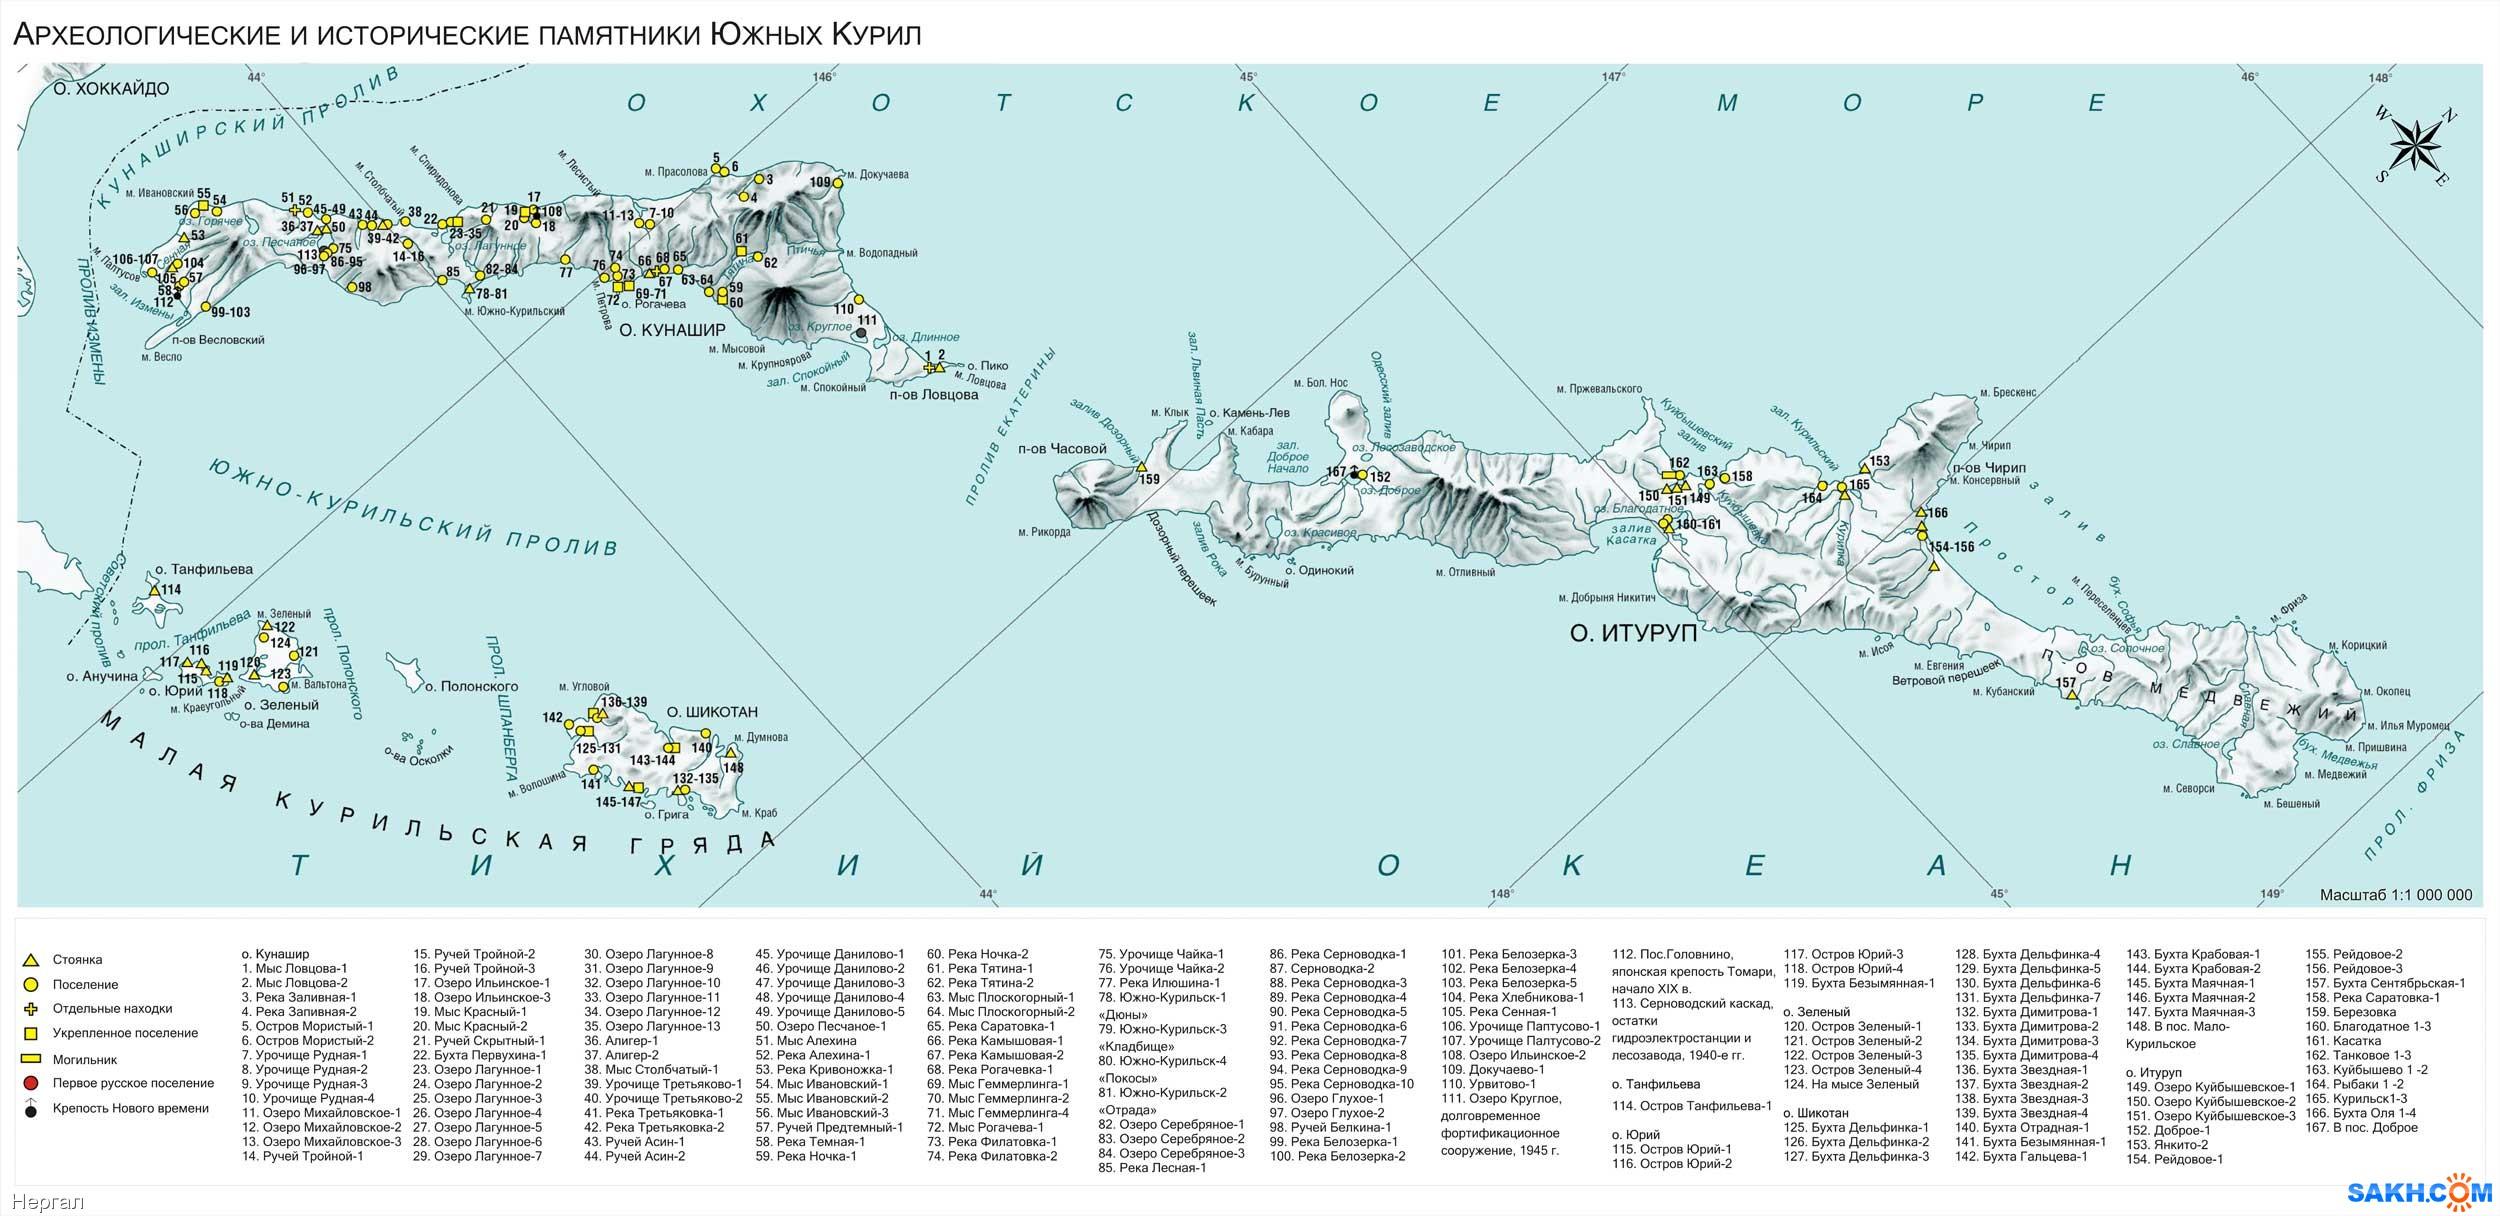 Нергал: Карта археологических памятников Курильских островов